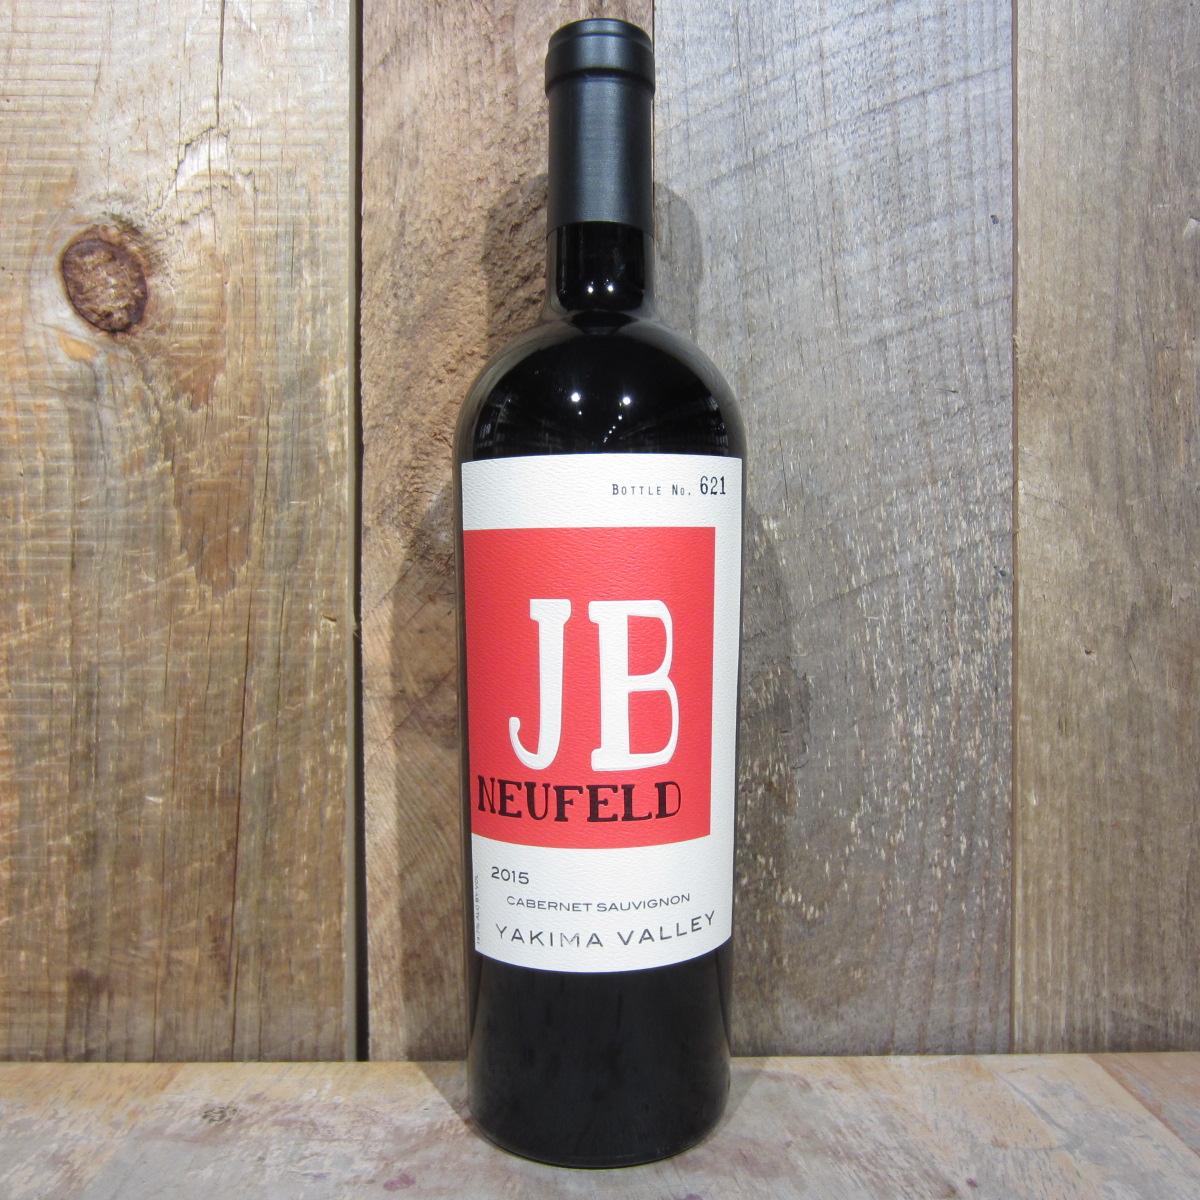 JB Neufeld Yakima Valley Cabernet Sauvignon 2017 750ml